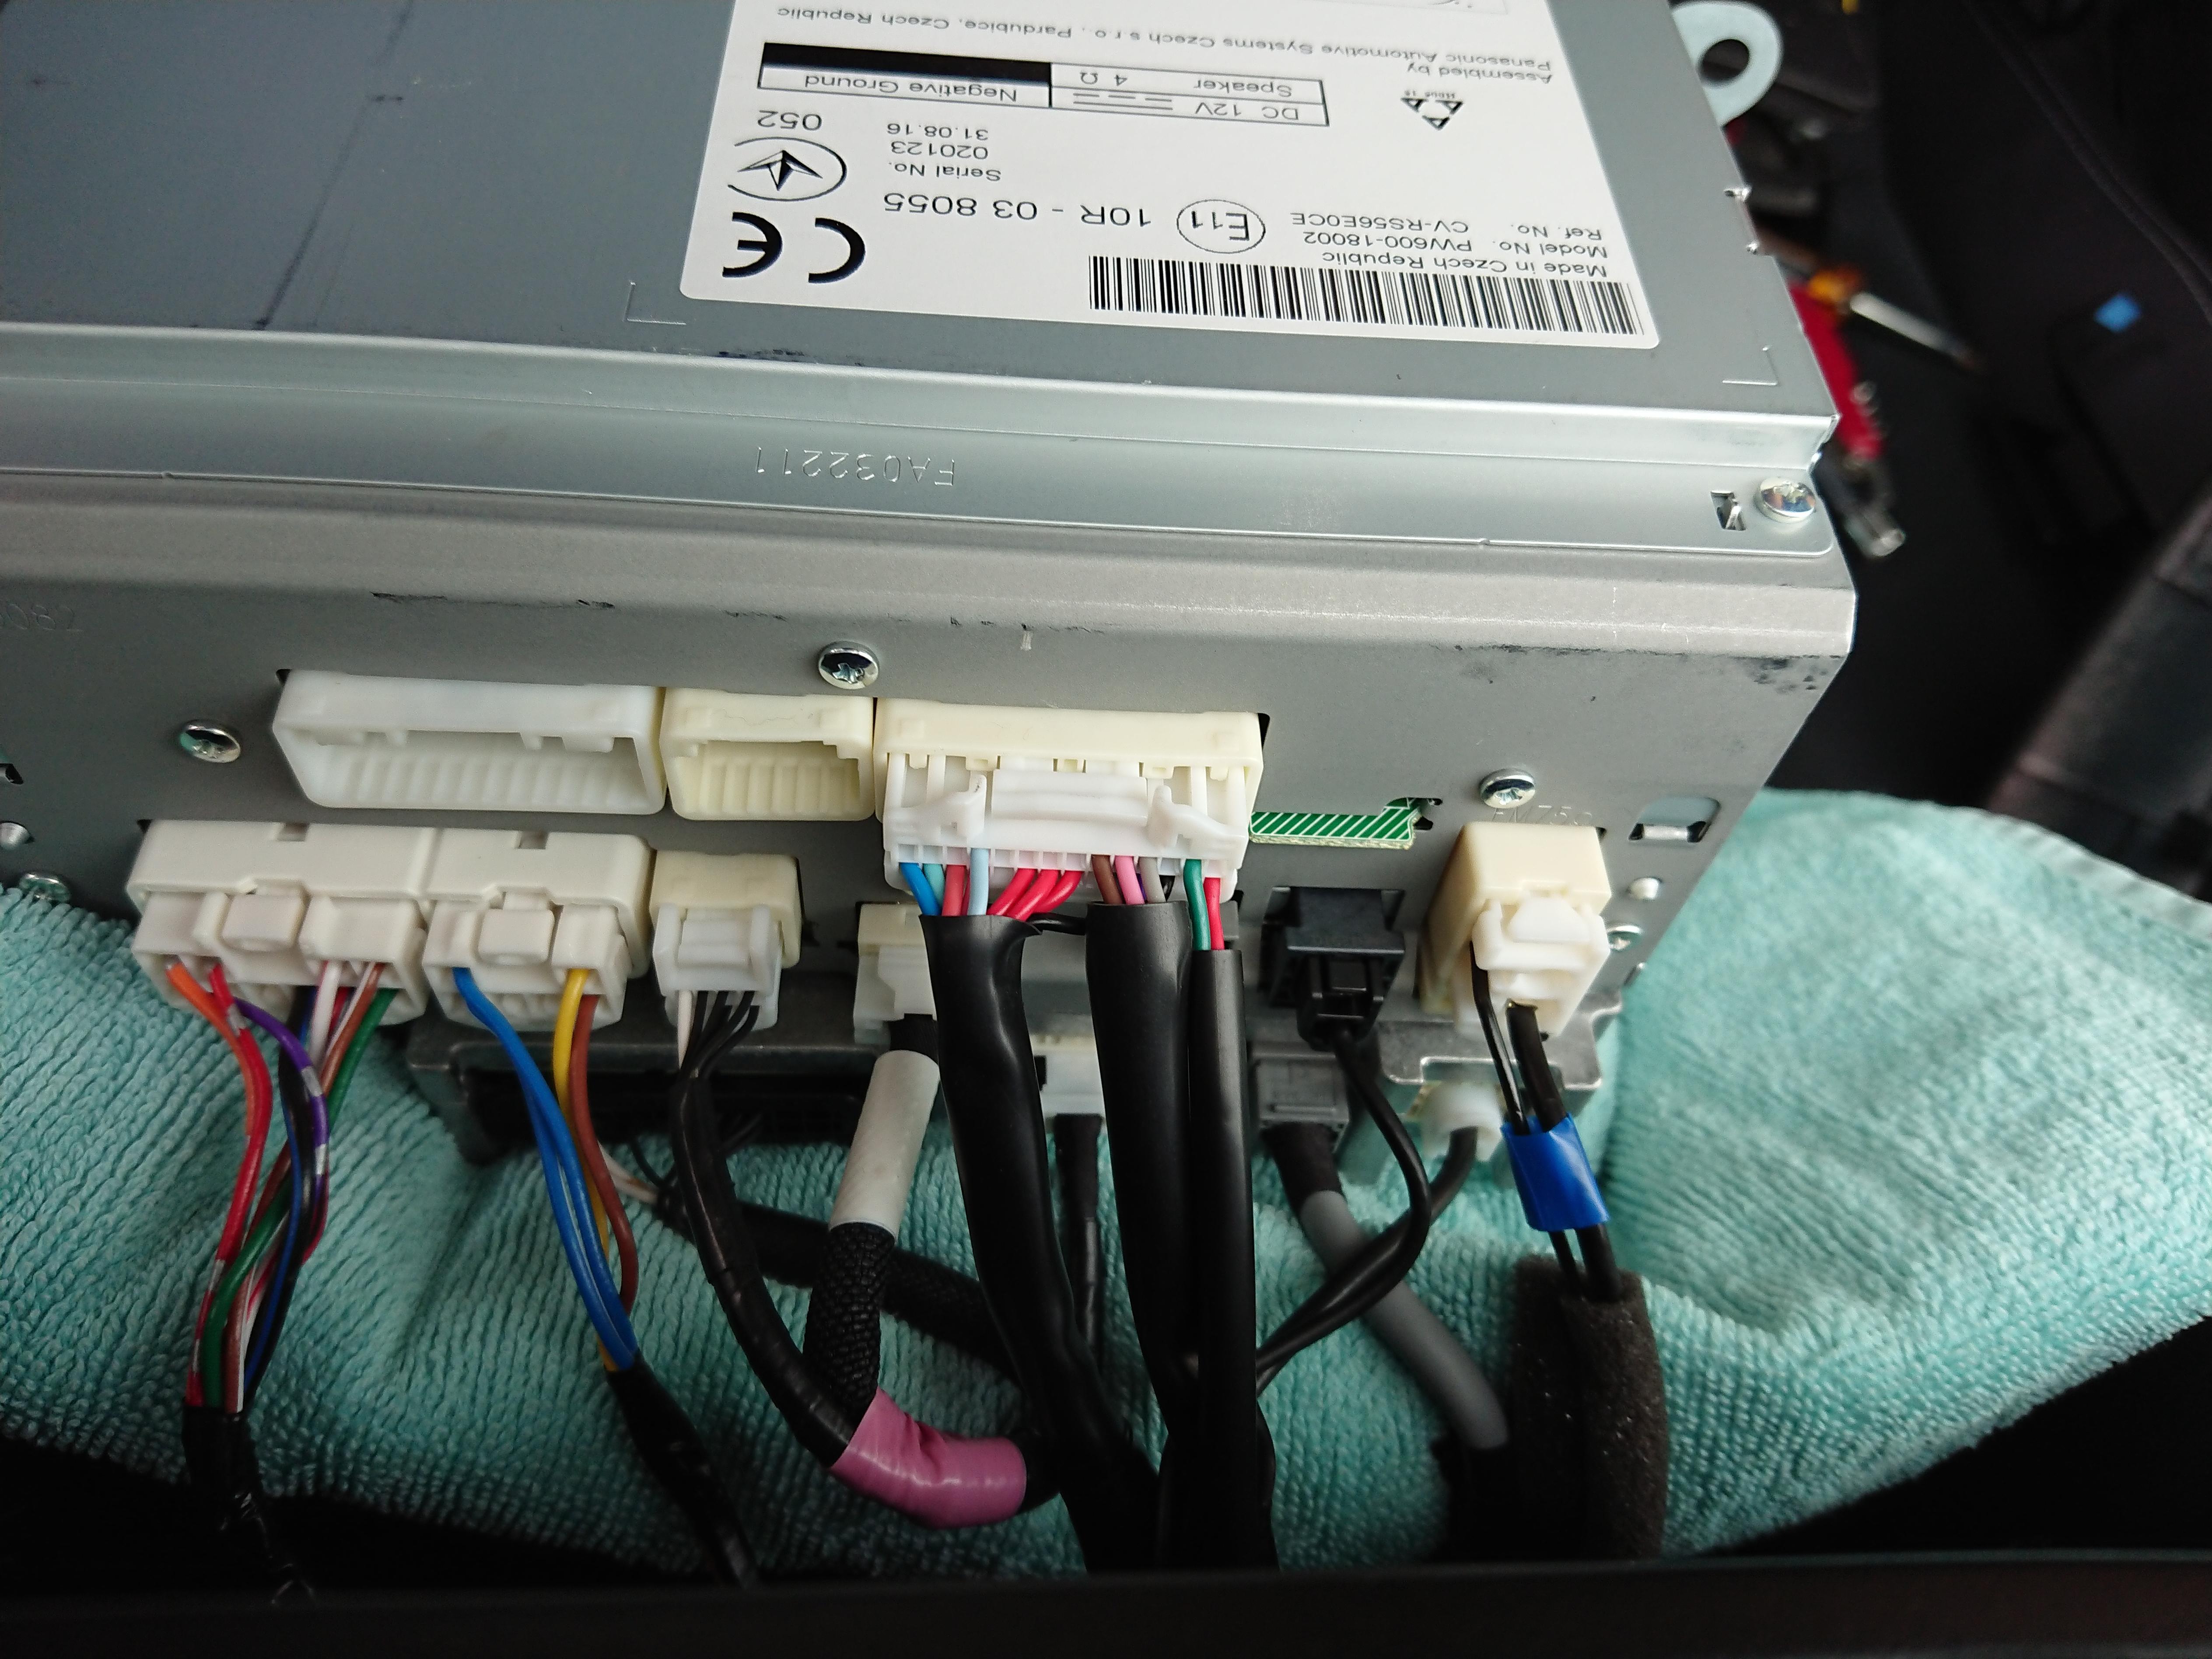 Nc 8121 Toyota 86 Reverse Camera Wiring Diagram Wiring Diagram